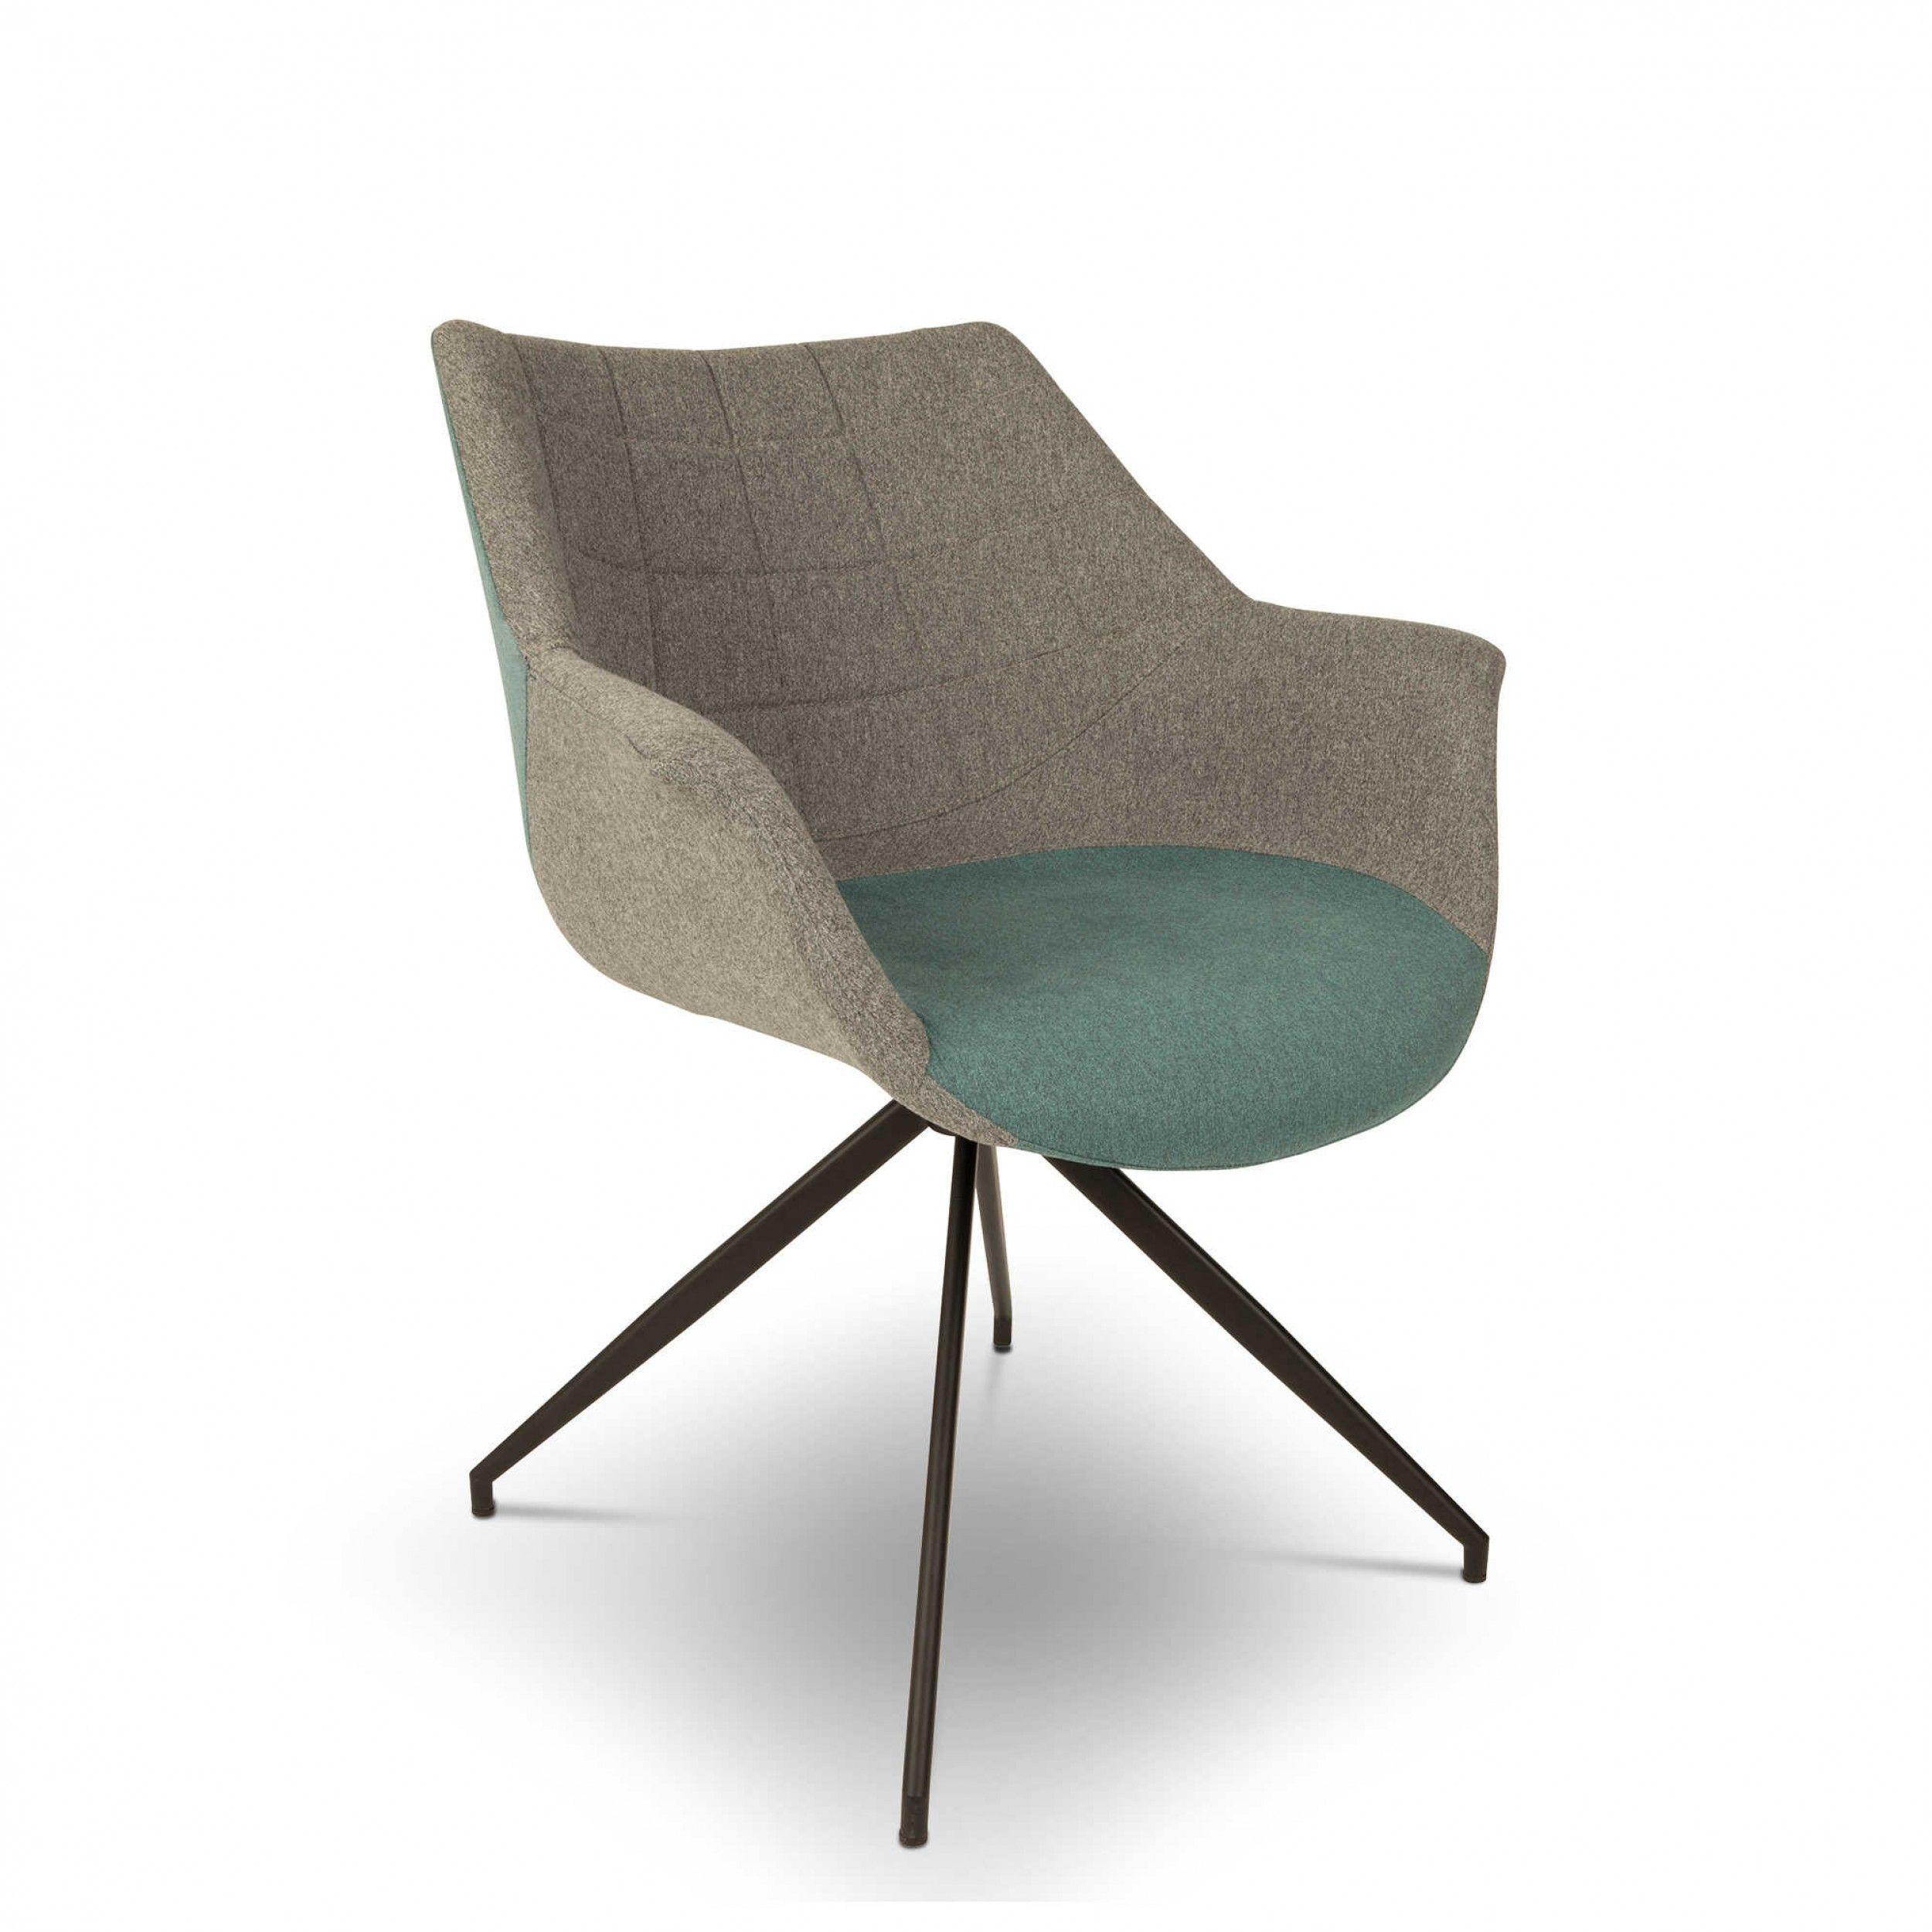 Zuiver Stuhl Doulton Blau 4 Fuß Stühle Stühle Freischwinger